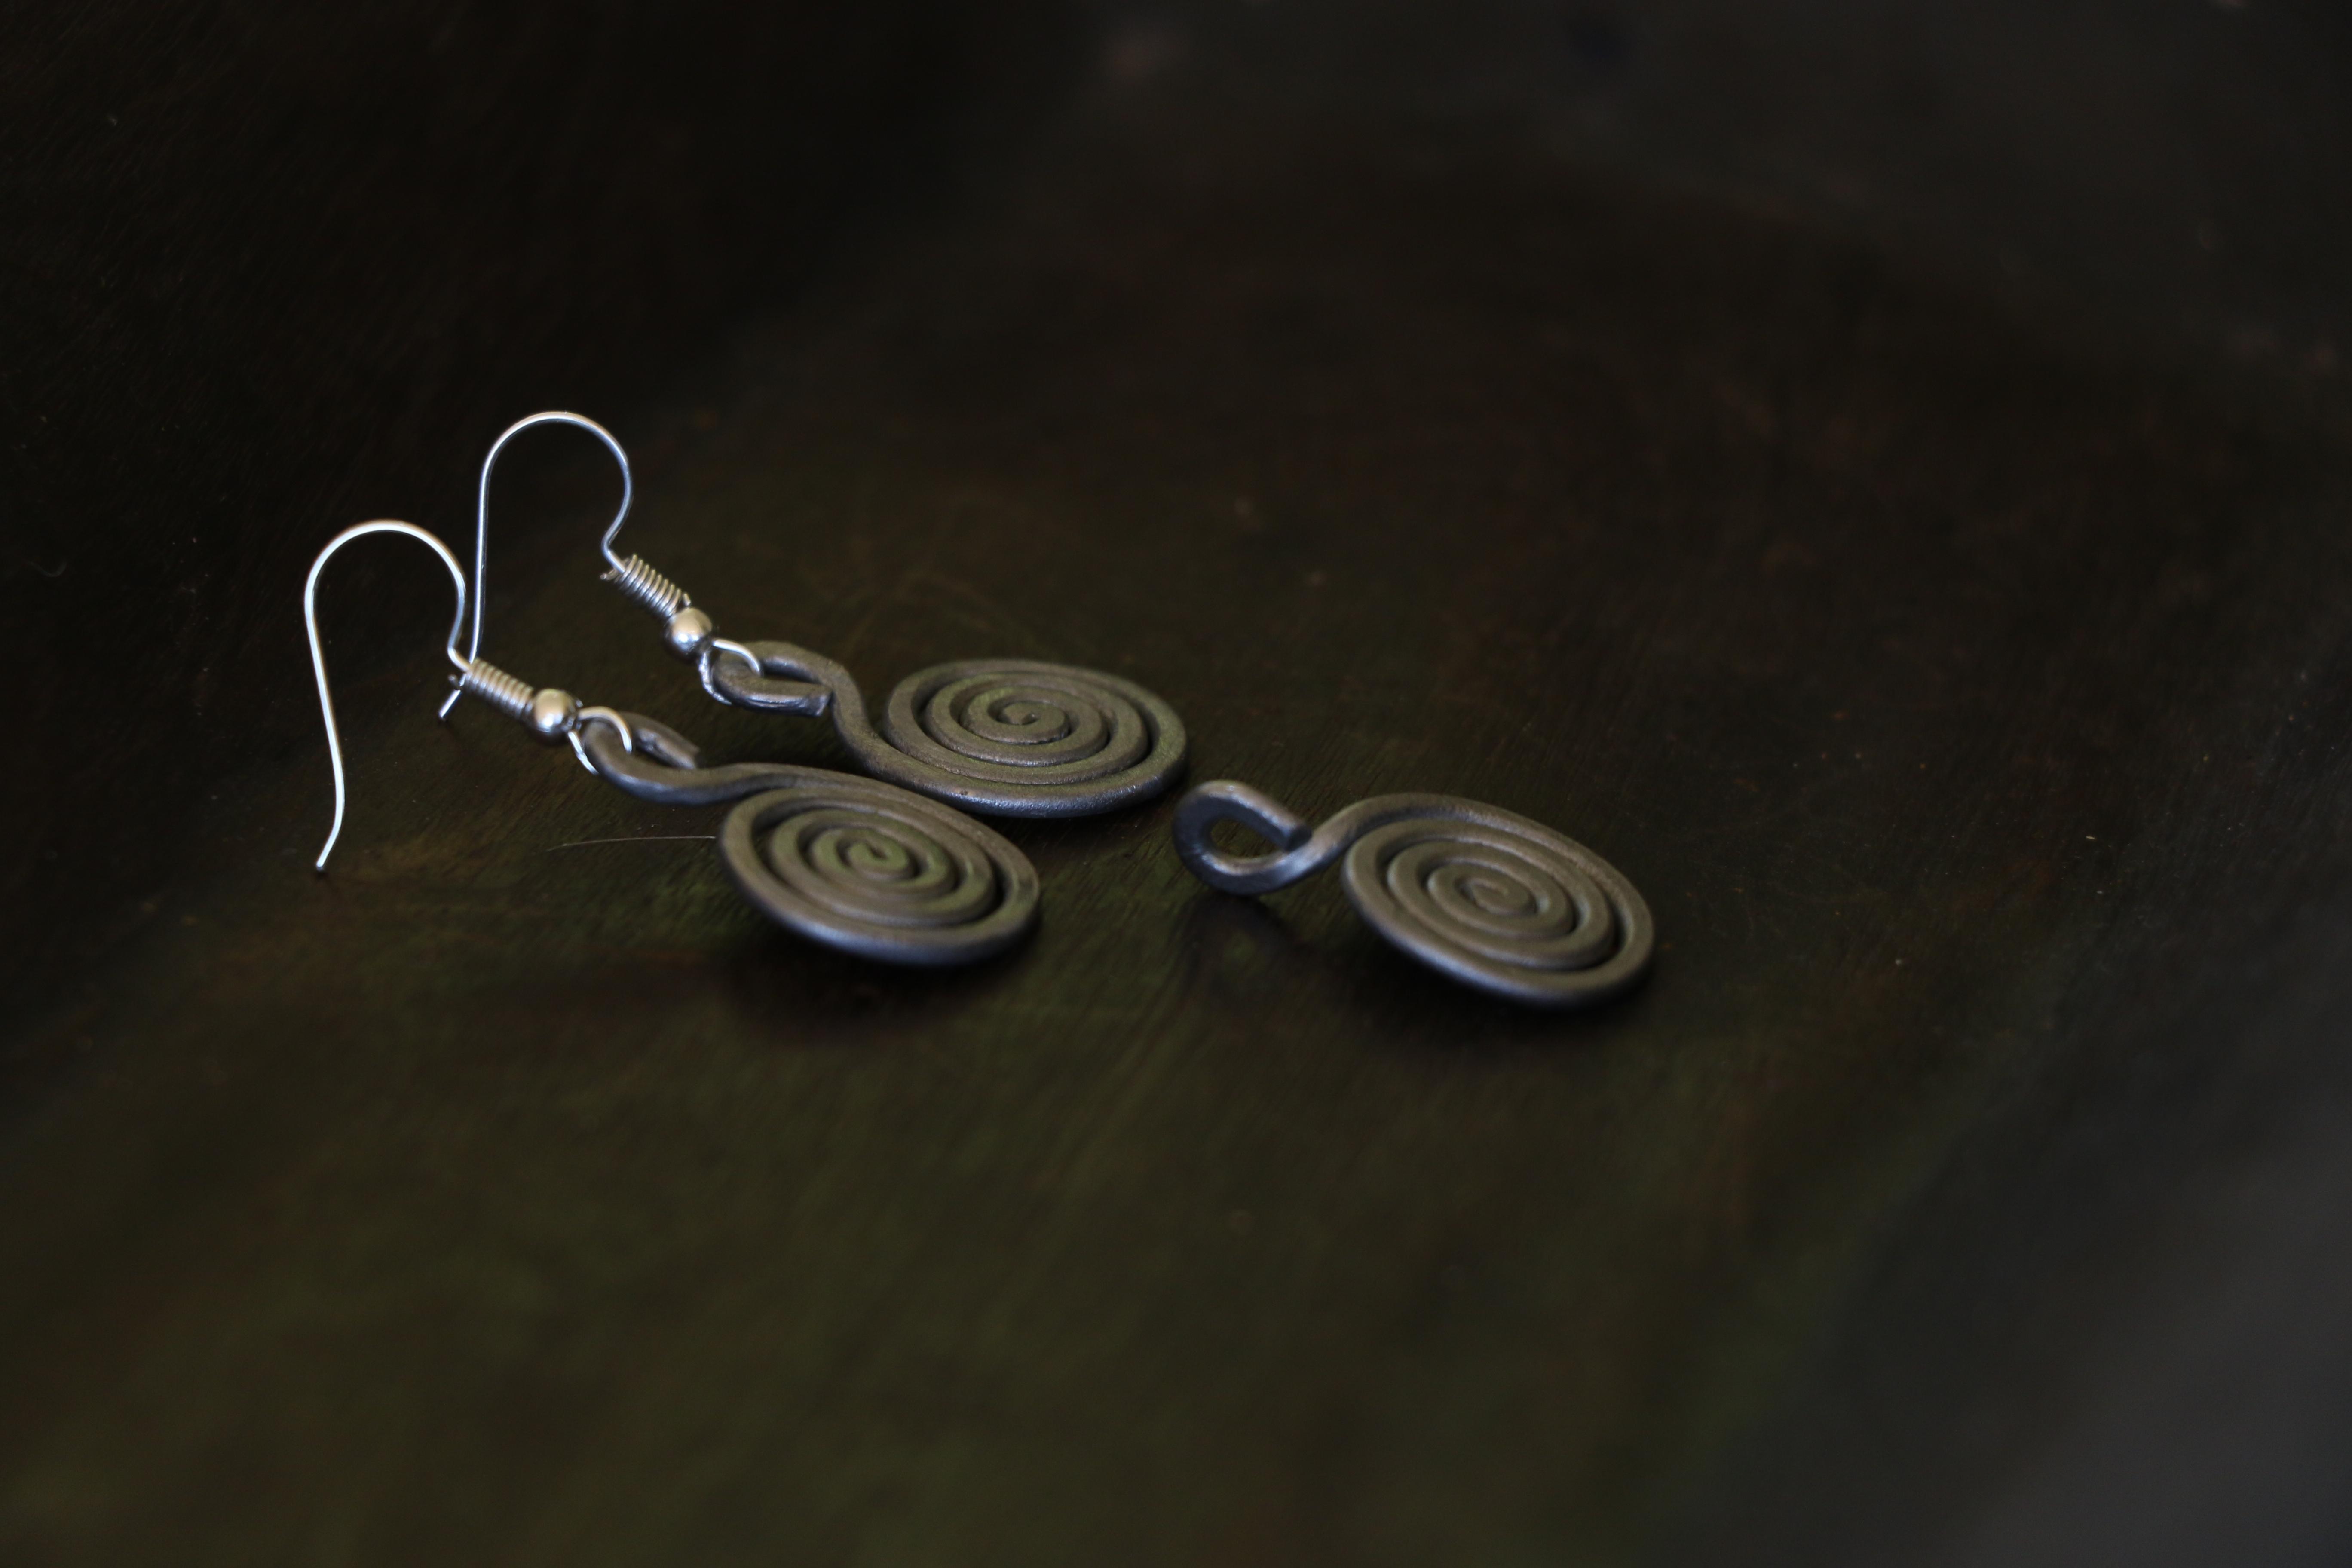 Spiral Pendant & earring combo